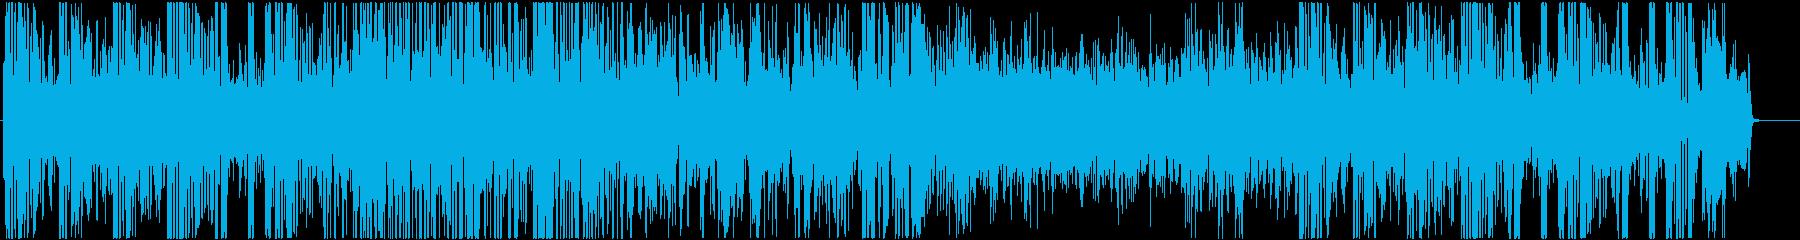 7拍子のJAZZの再生済みの波形